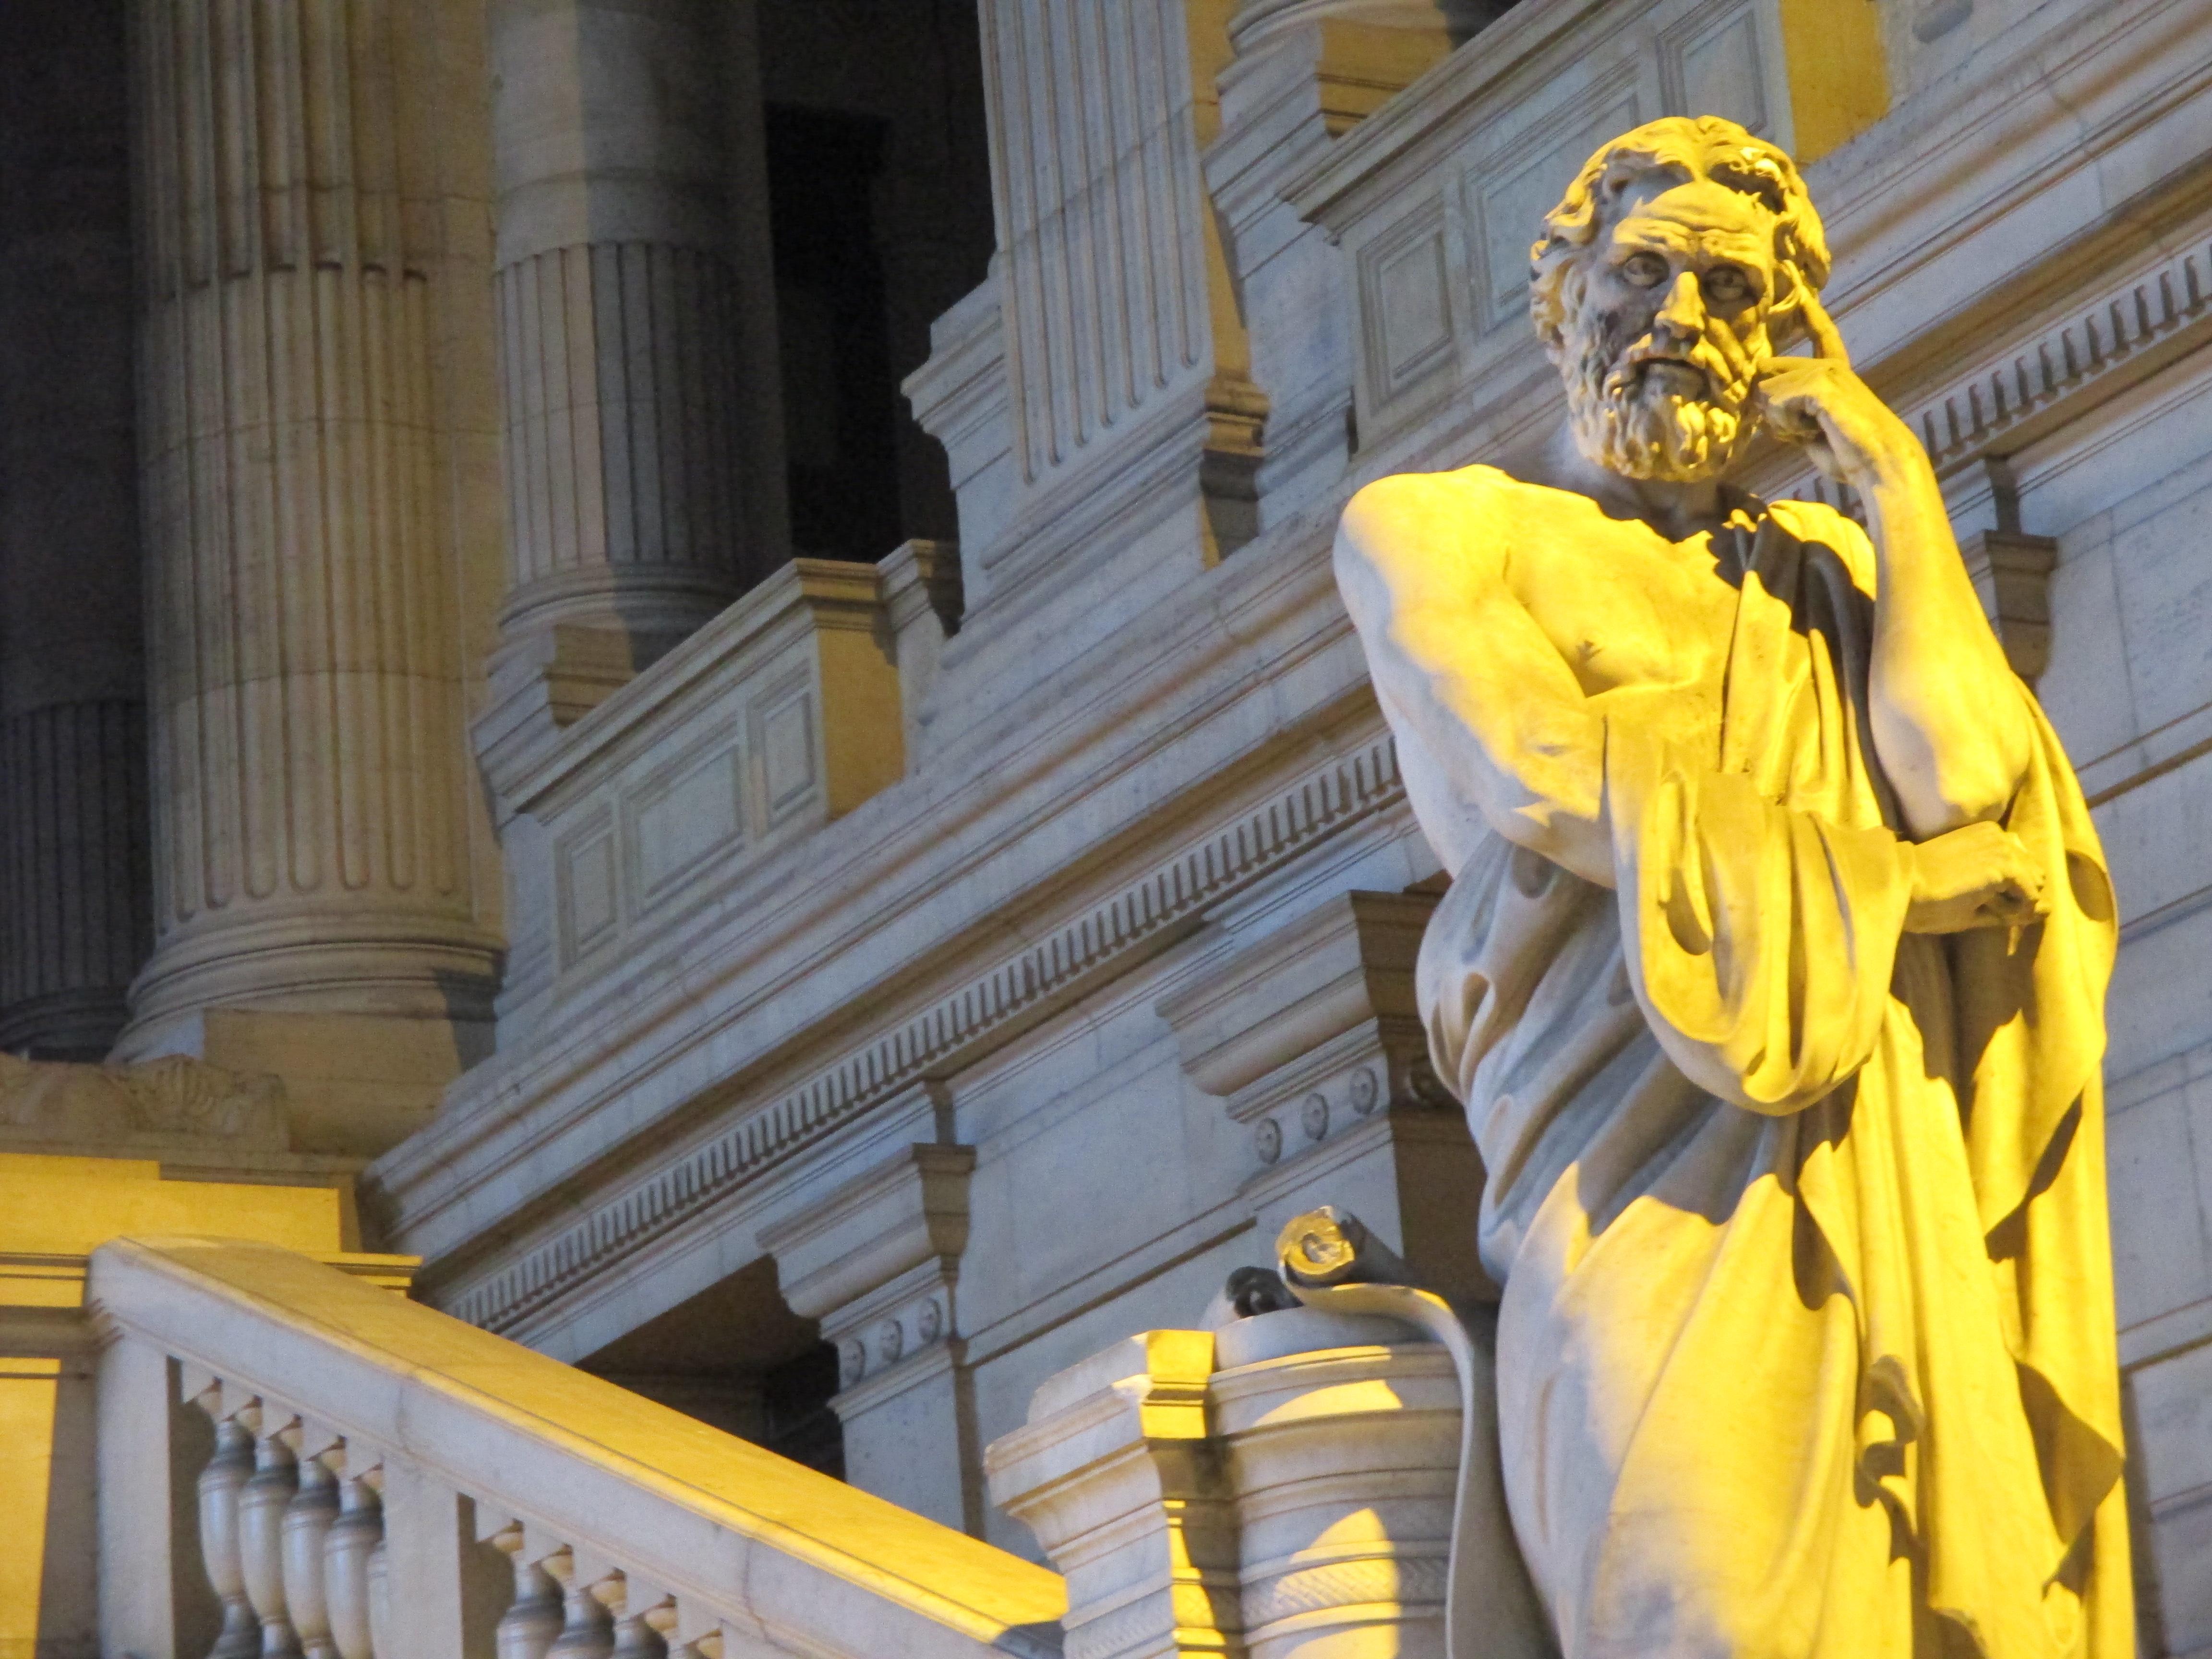 Likurgo Espartakoaren estatua, Bruselako Justizia Jauregiaren sarreran. Likurgok hainbat erreforma ezarri zituen greziar hirian, besteak beste, ustelkeriaren aurka.